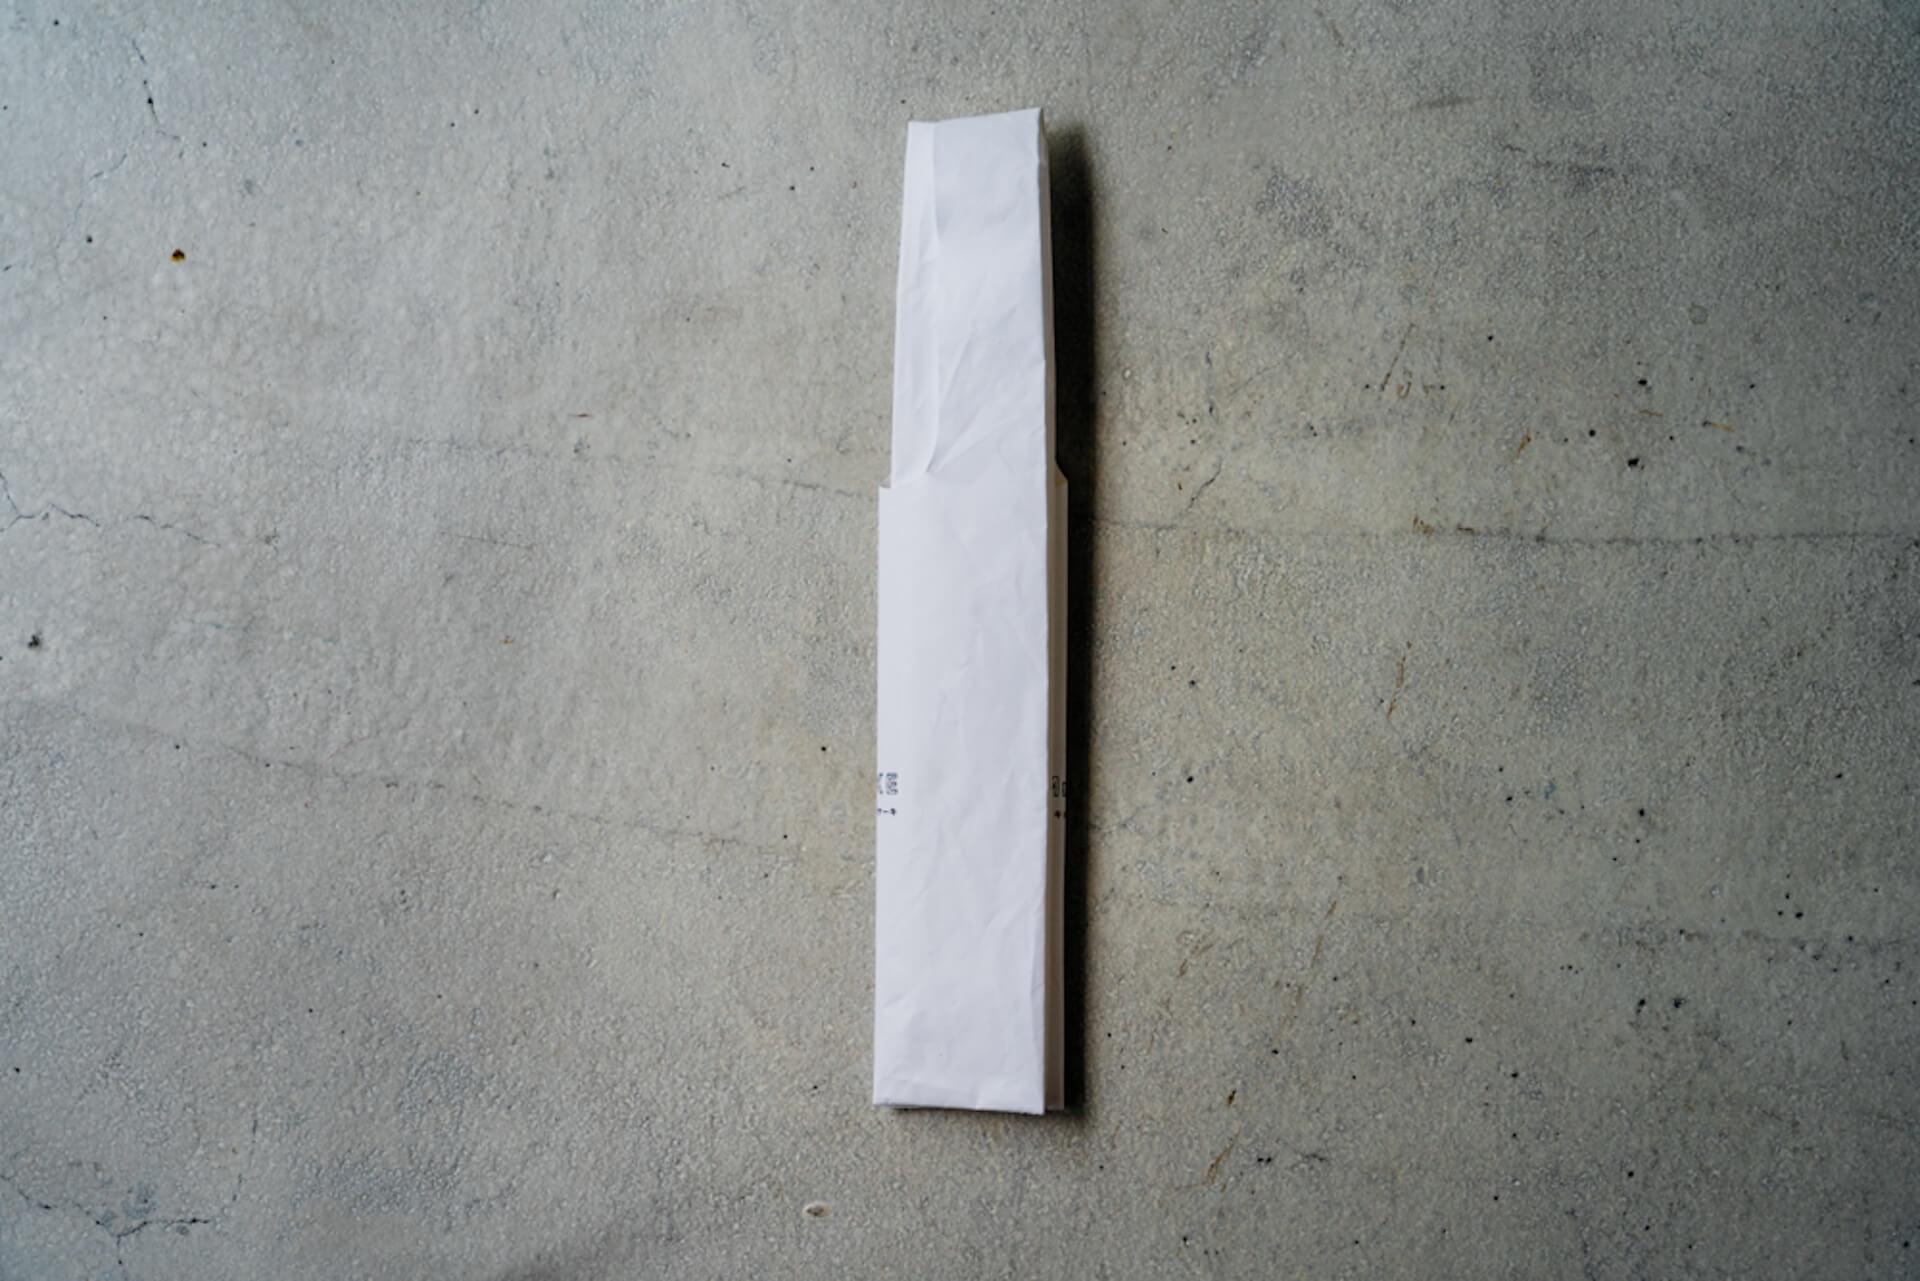 絶品チーズケーキで人気のMr. CHEESECAKEが加賀美健とのコラボショッパーを制作!チーズケーキとのセット商品が発売決定 gourmet201110_mrcheesecake_kagamiken_11